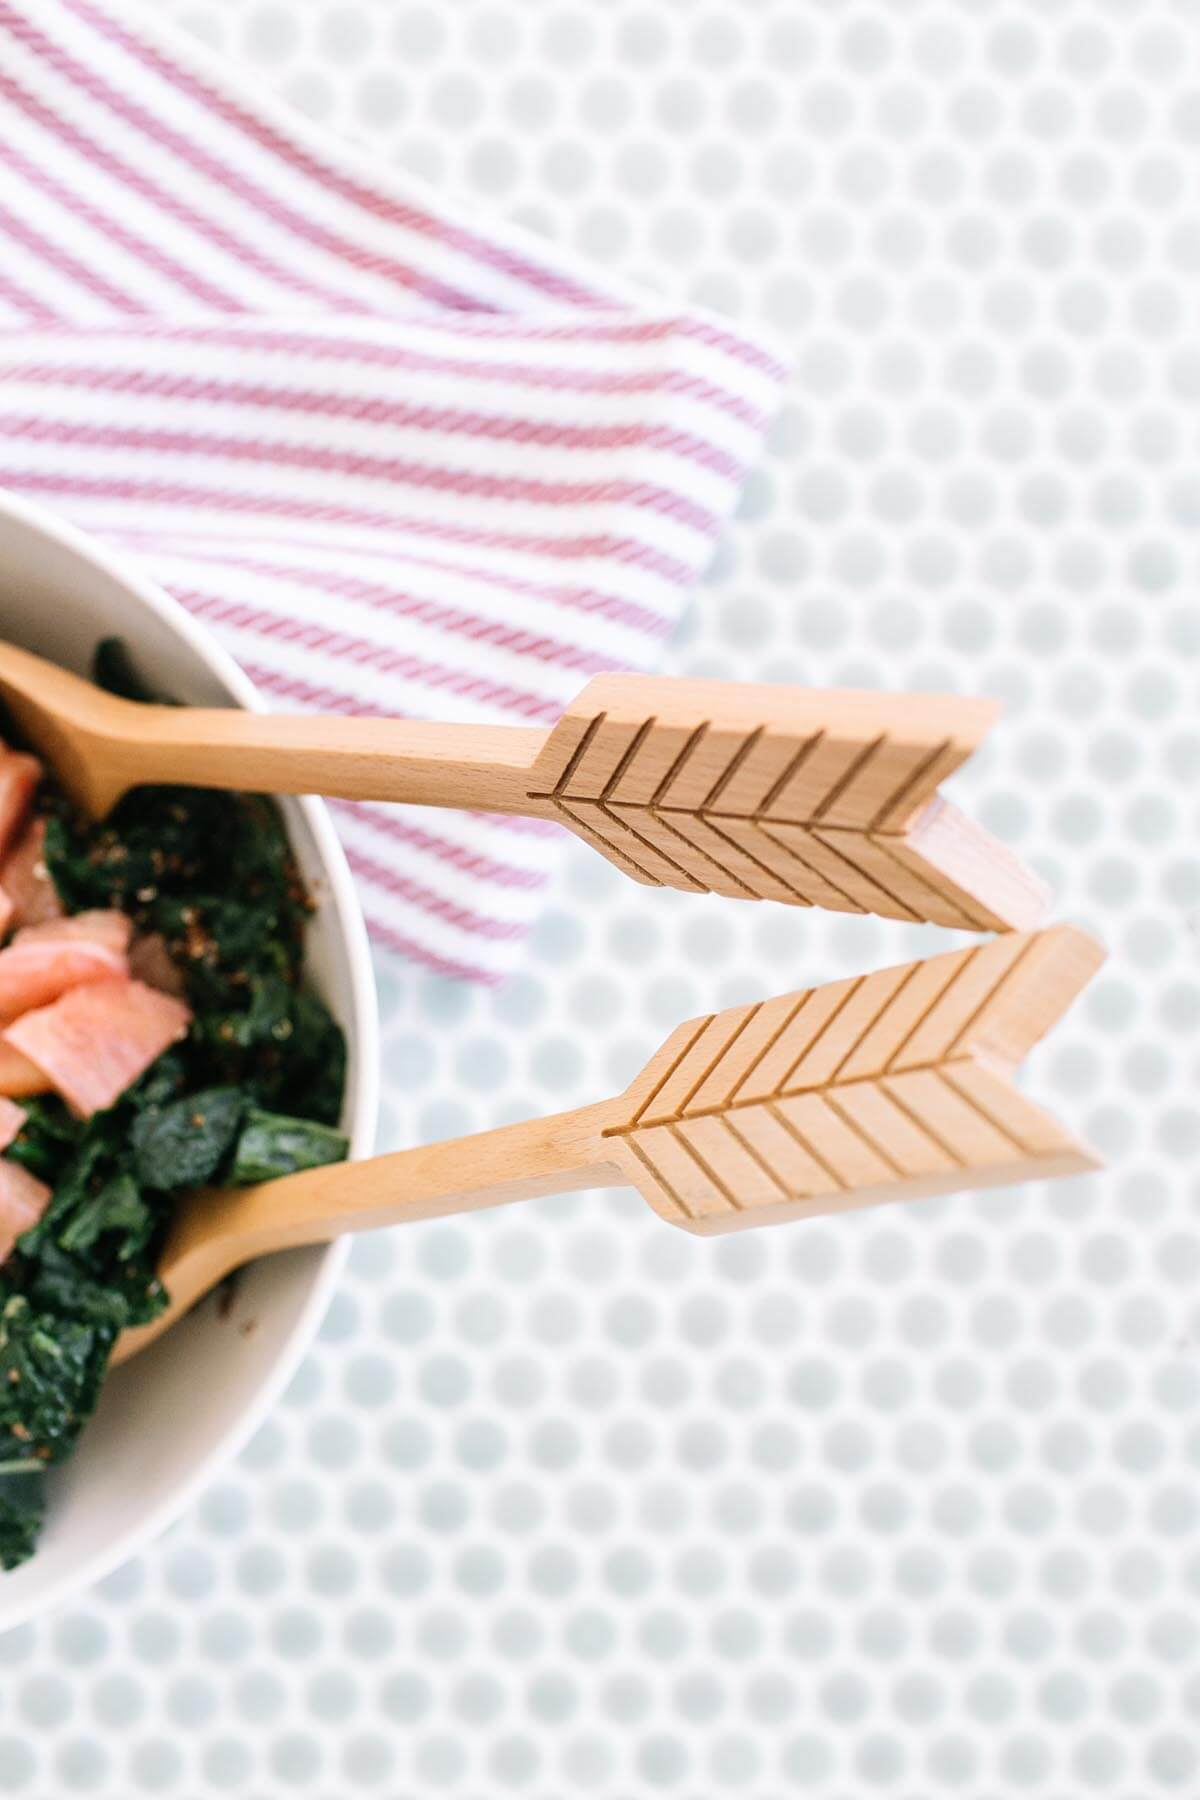 Salad peek